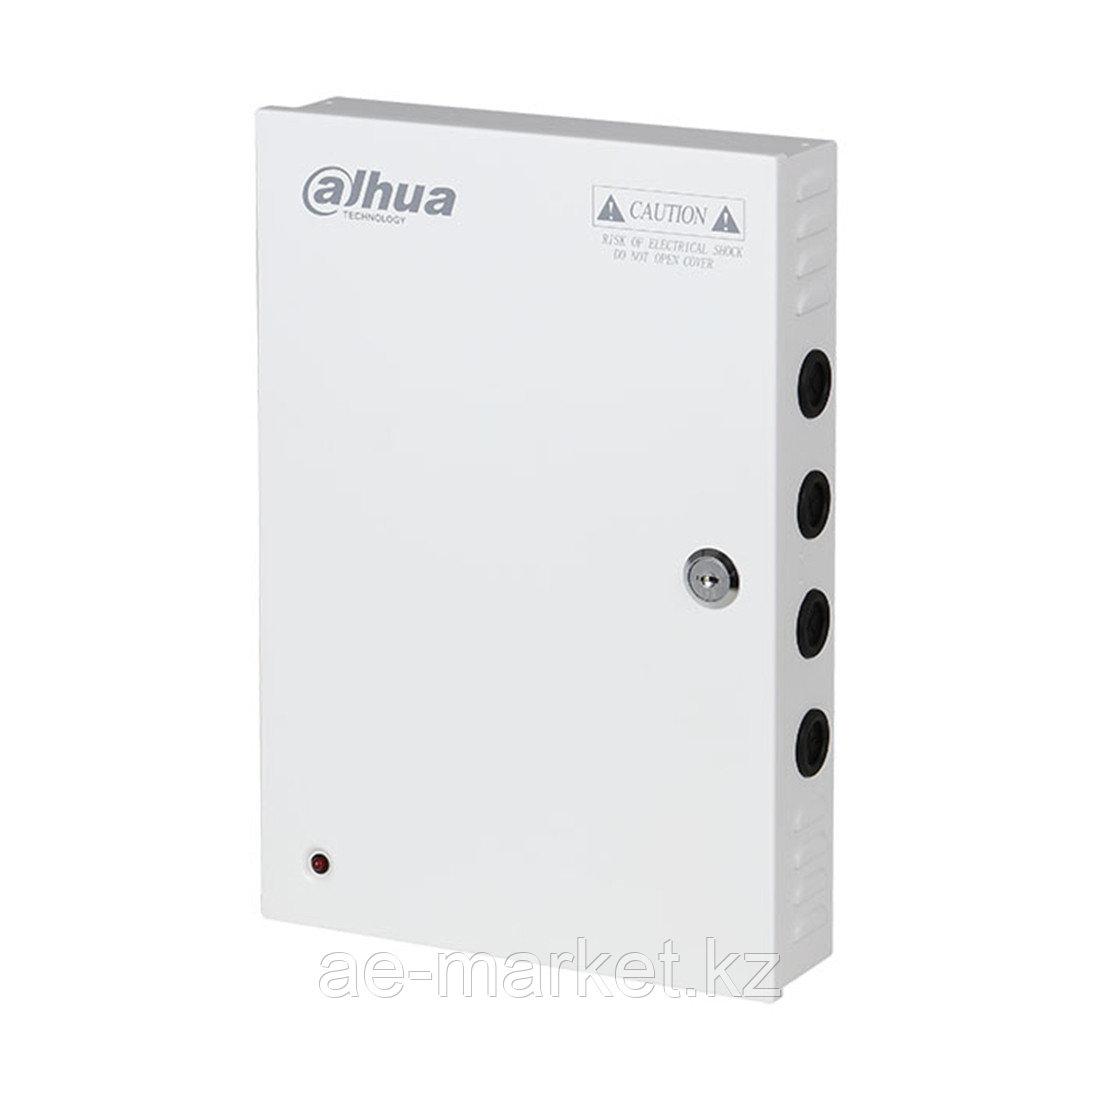 Распродажа Блок питания для видеонаблюдения Dahua DH-PFM342-9CH (12 В)